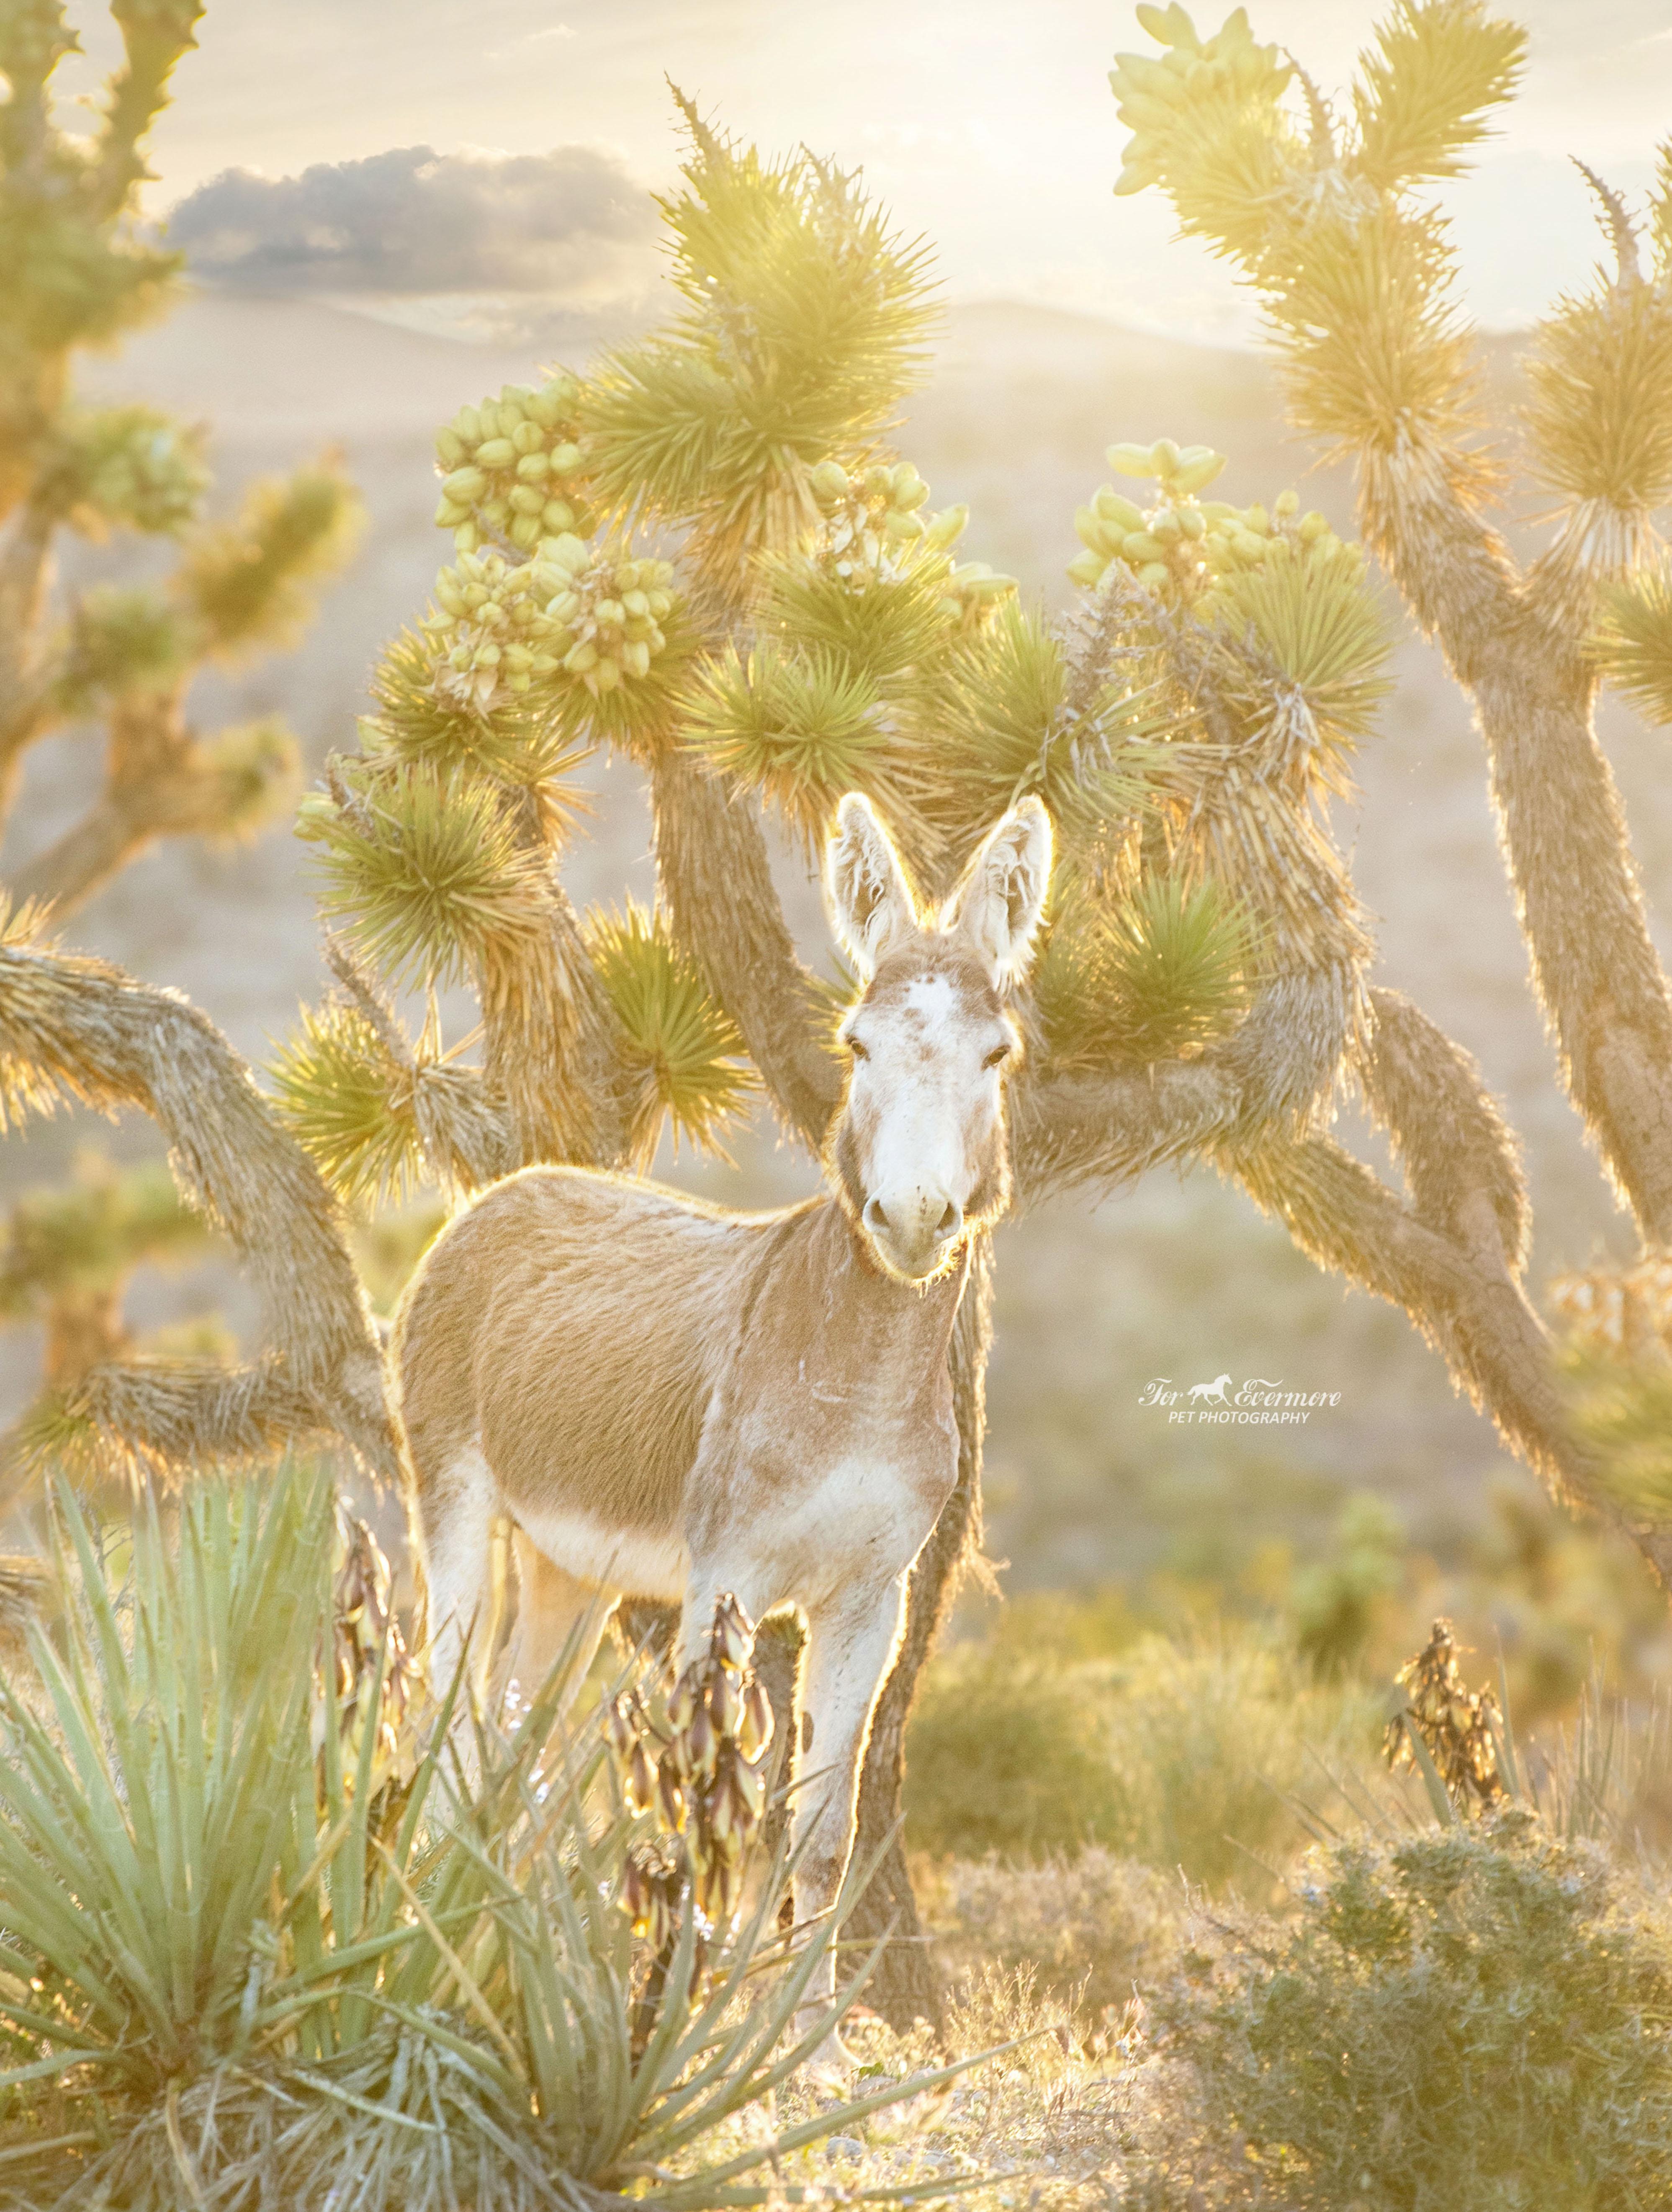 Wild burro at sunset in golden light